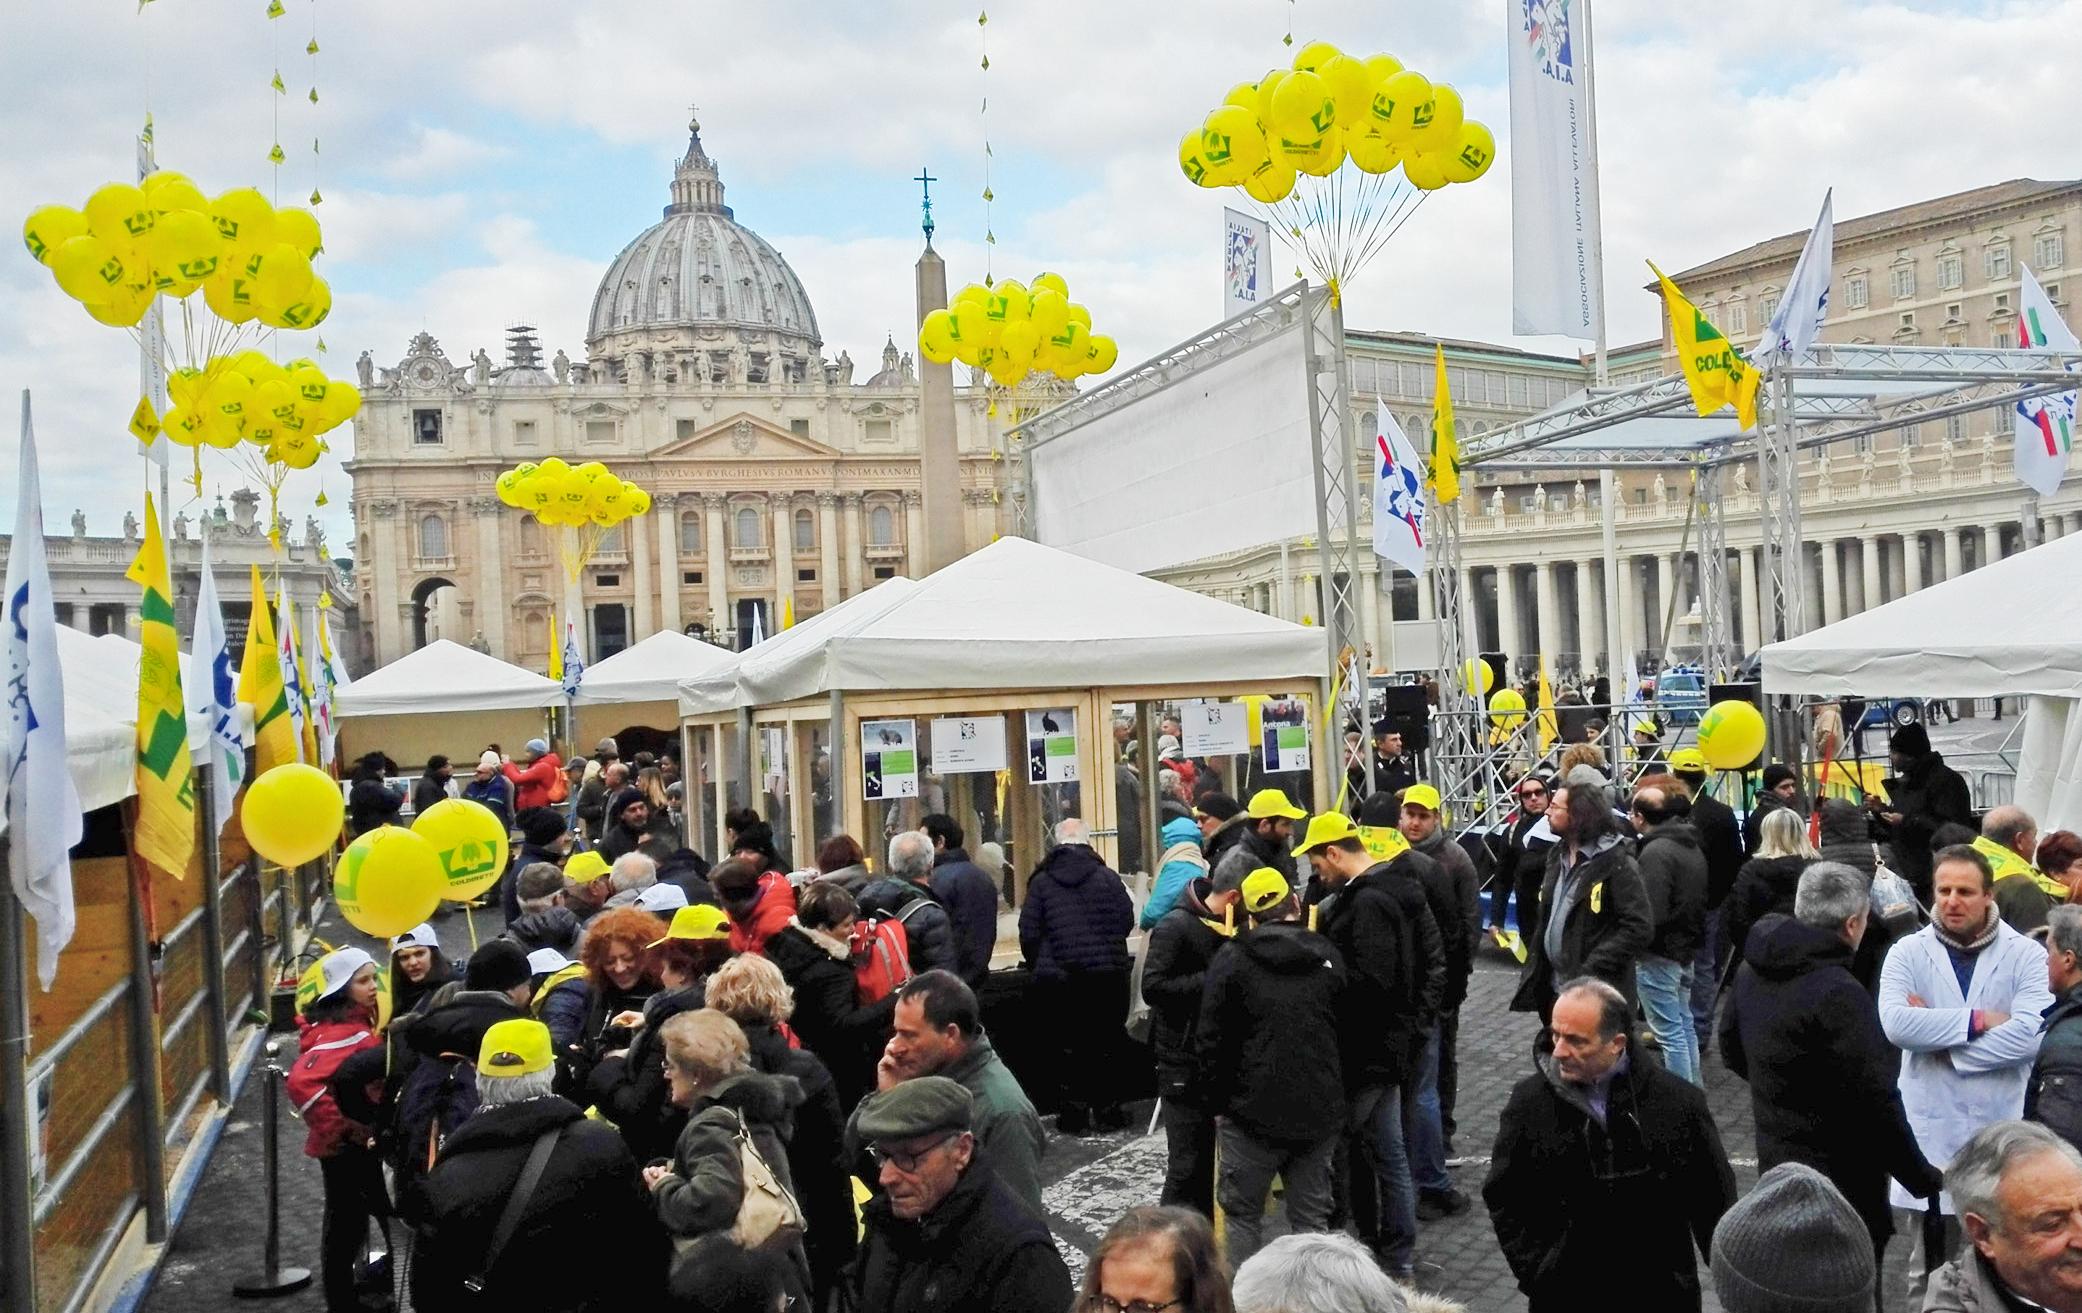 Allevatori e animali in piazza San Pietro